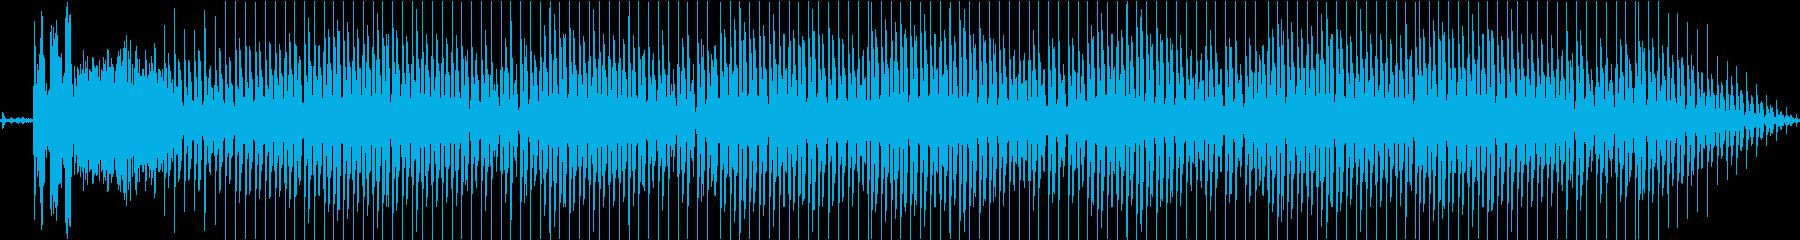 エンジンをかけるところからの再生済みの波形